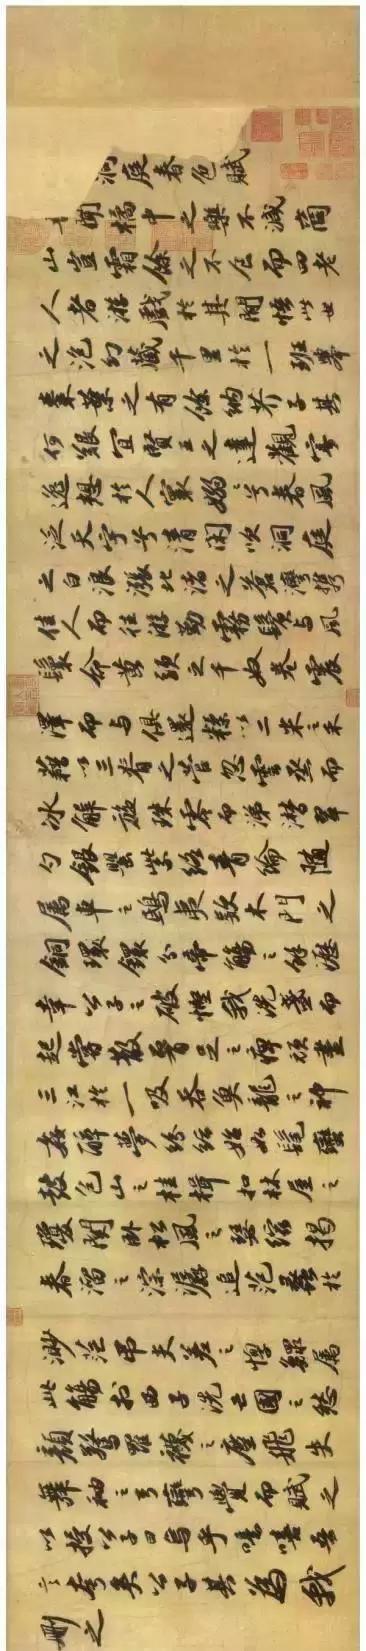 苏轼的诗.,大开眼界吧-苏东坡48幅作品欣赏